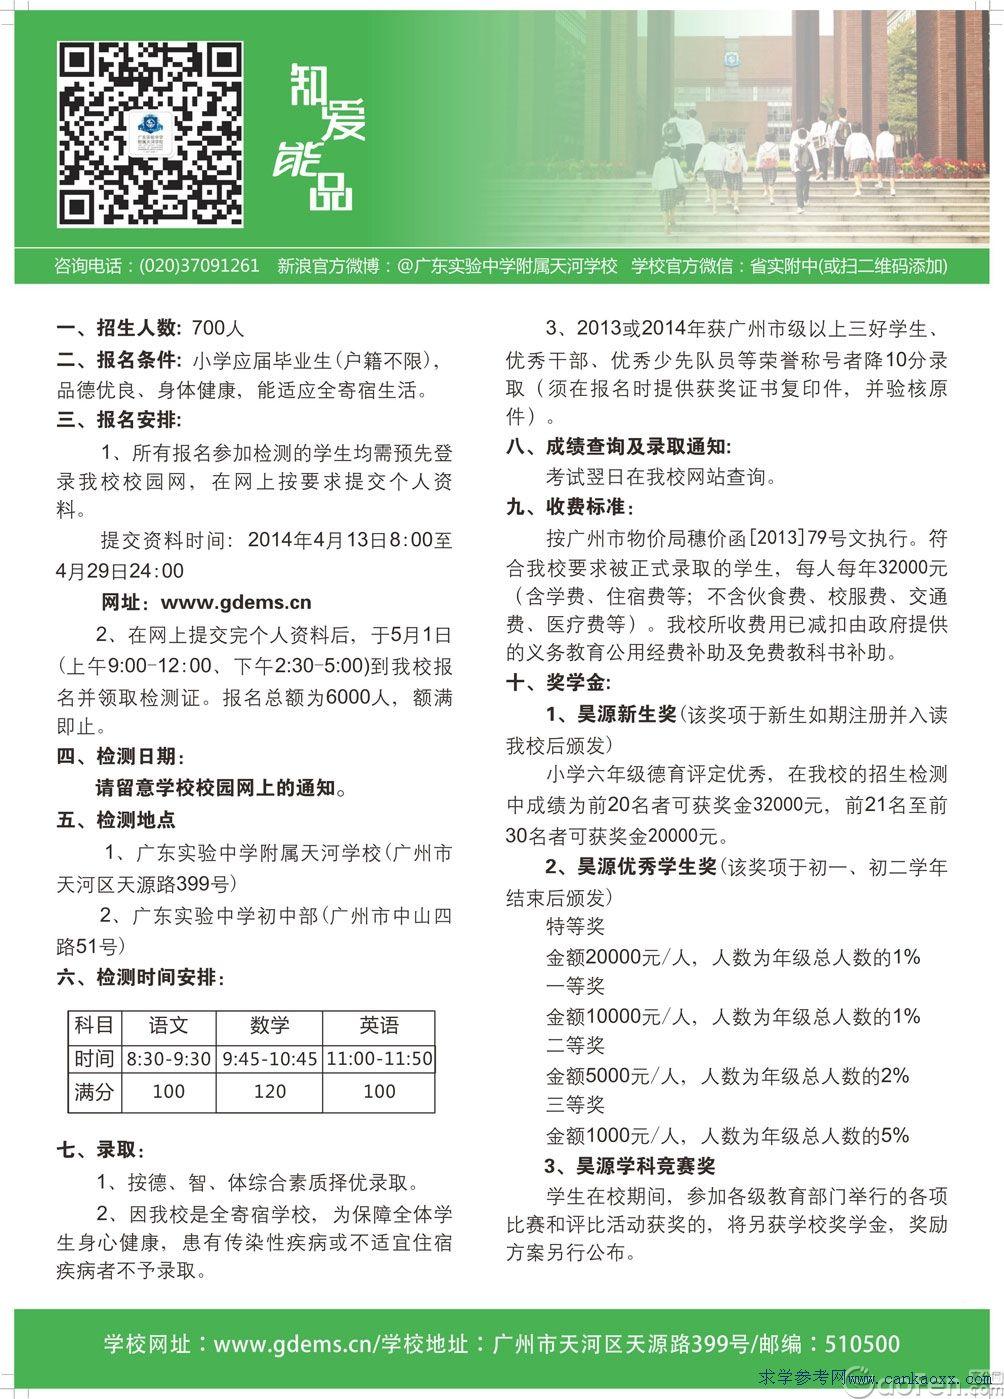 广东实验大专附属天河初中2014年学校招生简考吗直接中学可以初中图片